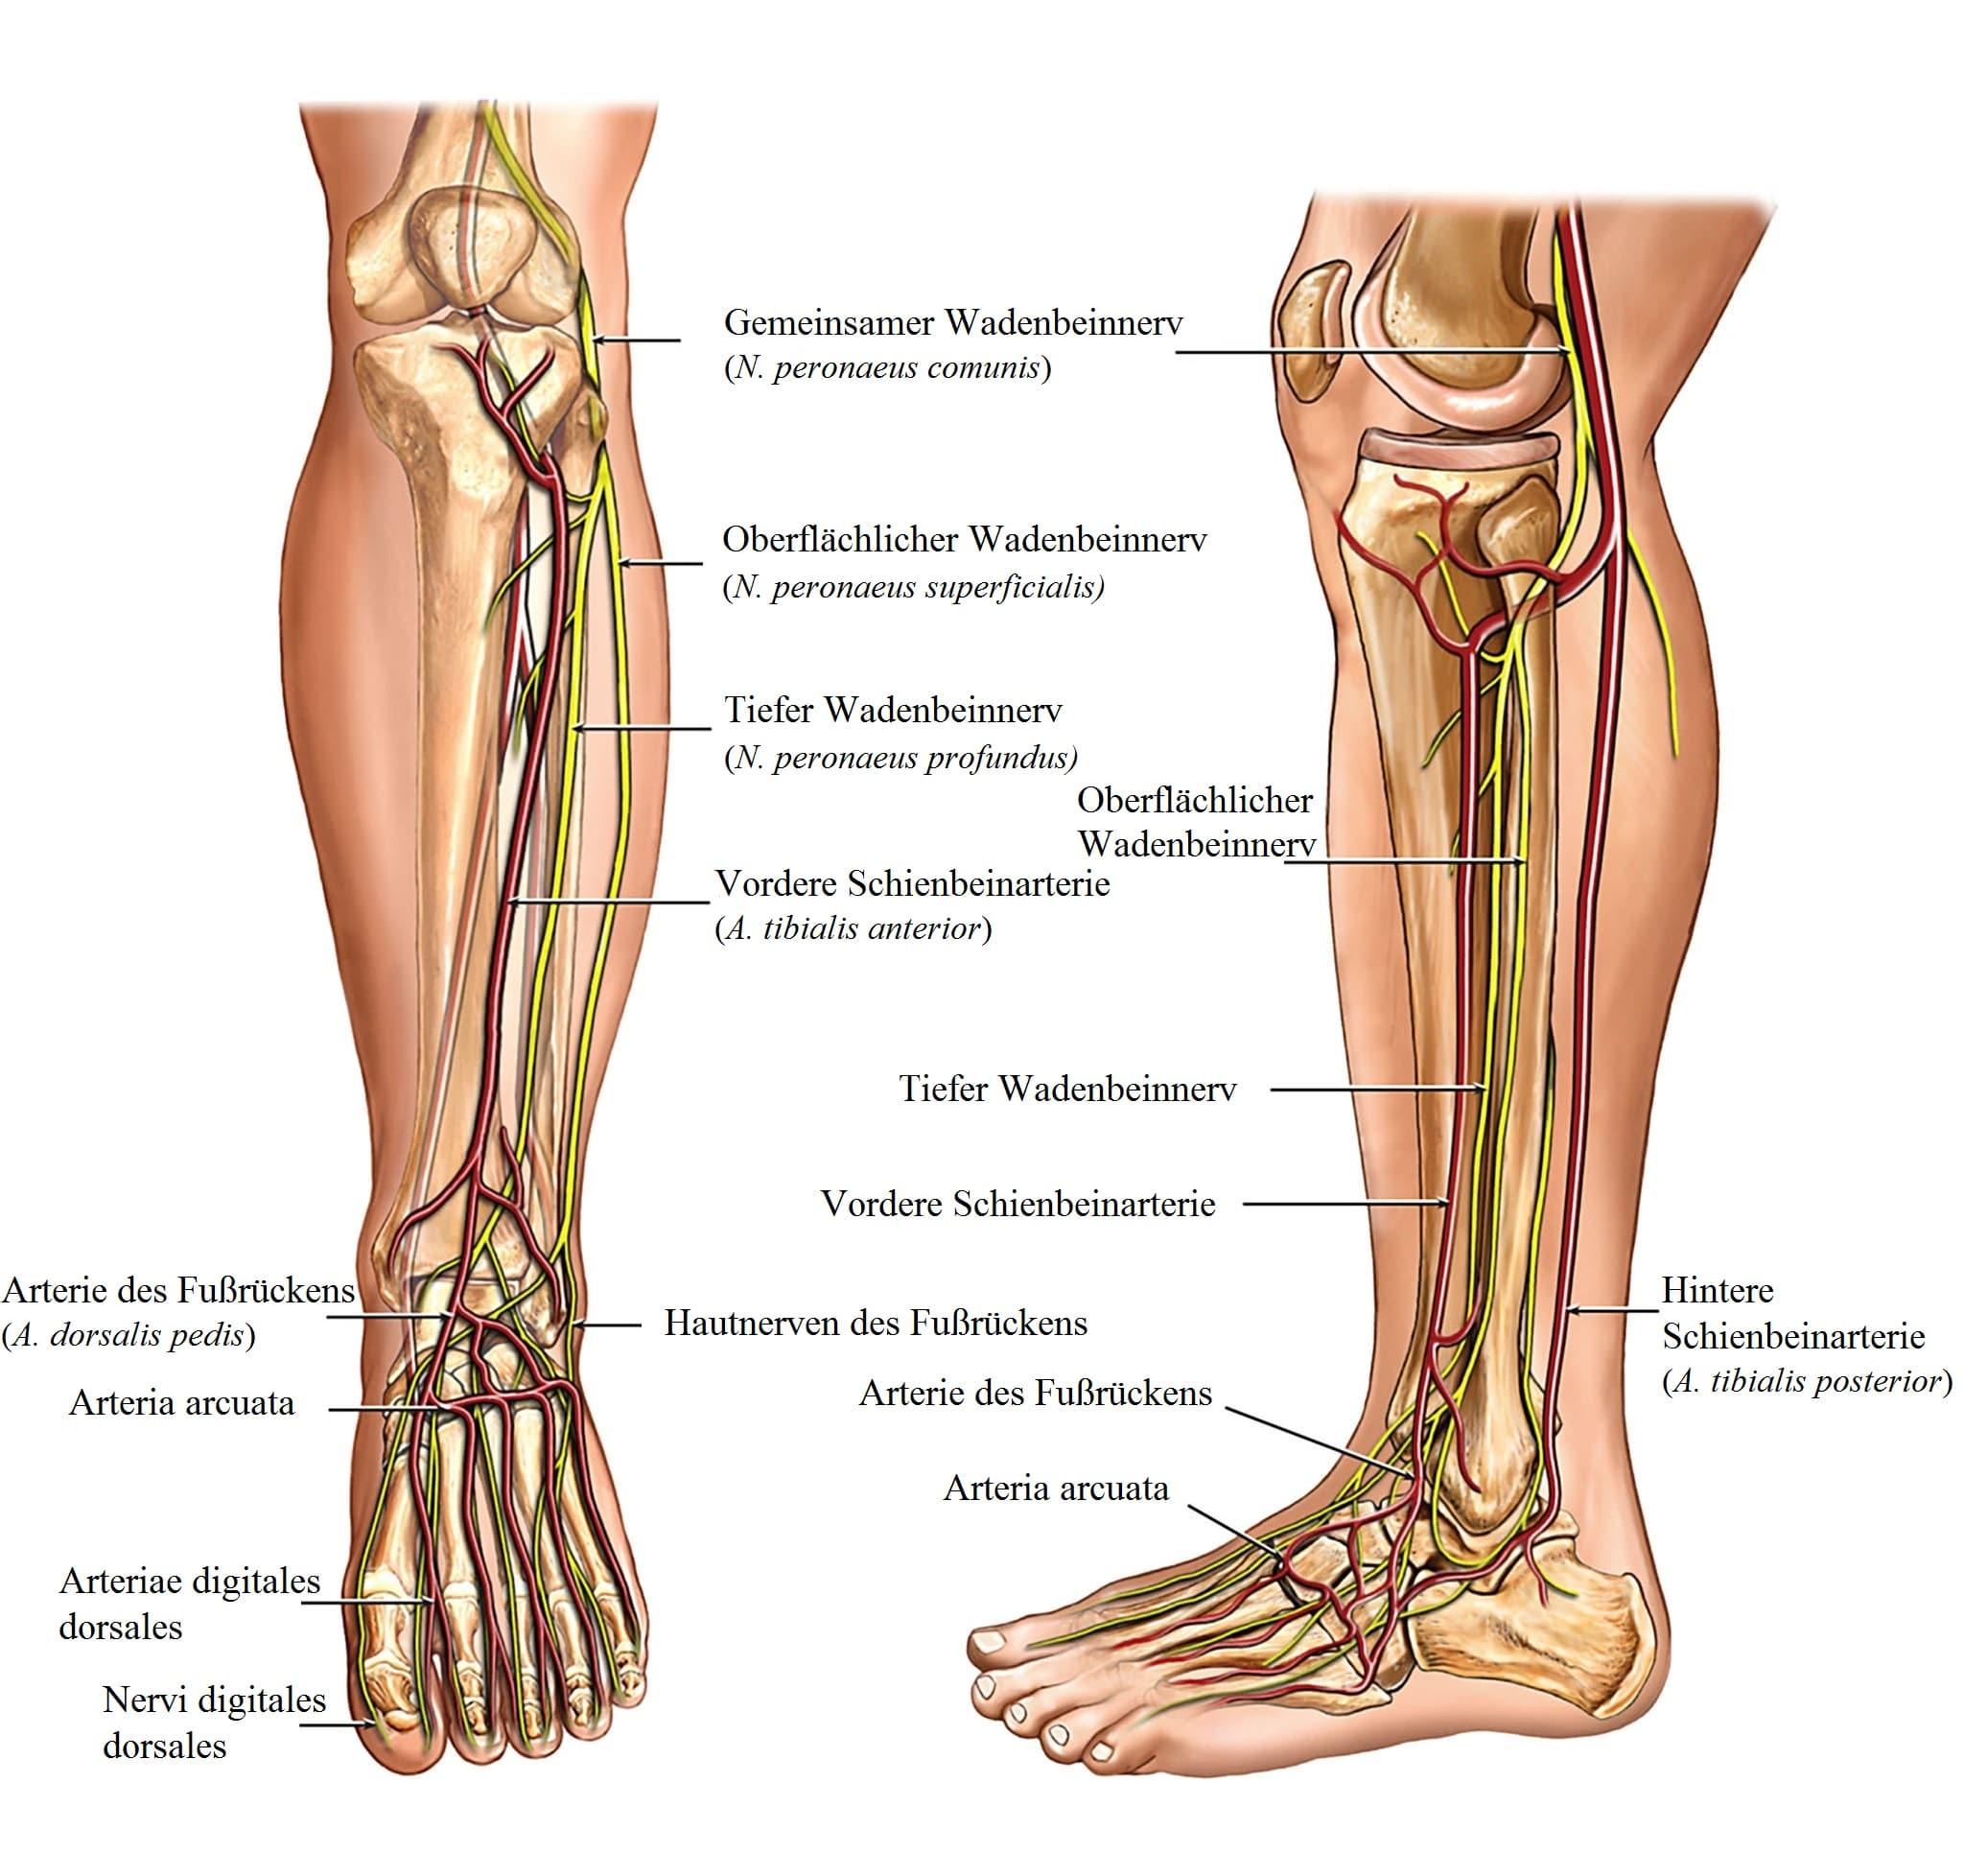 Nervenschmerzen im Fuß, Hausmittel, Operation, Diabetes, Homöopathie